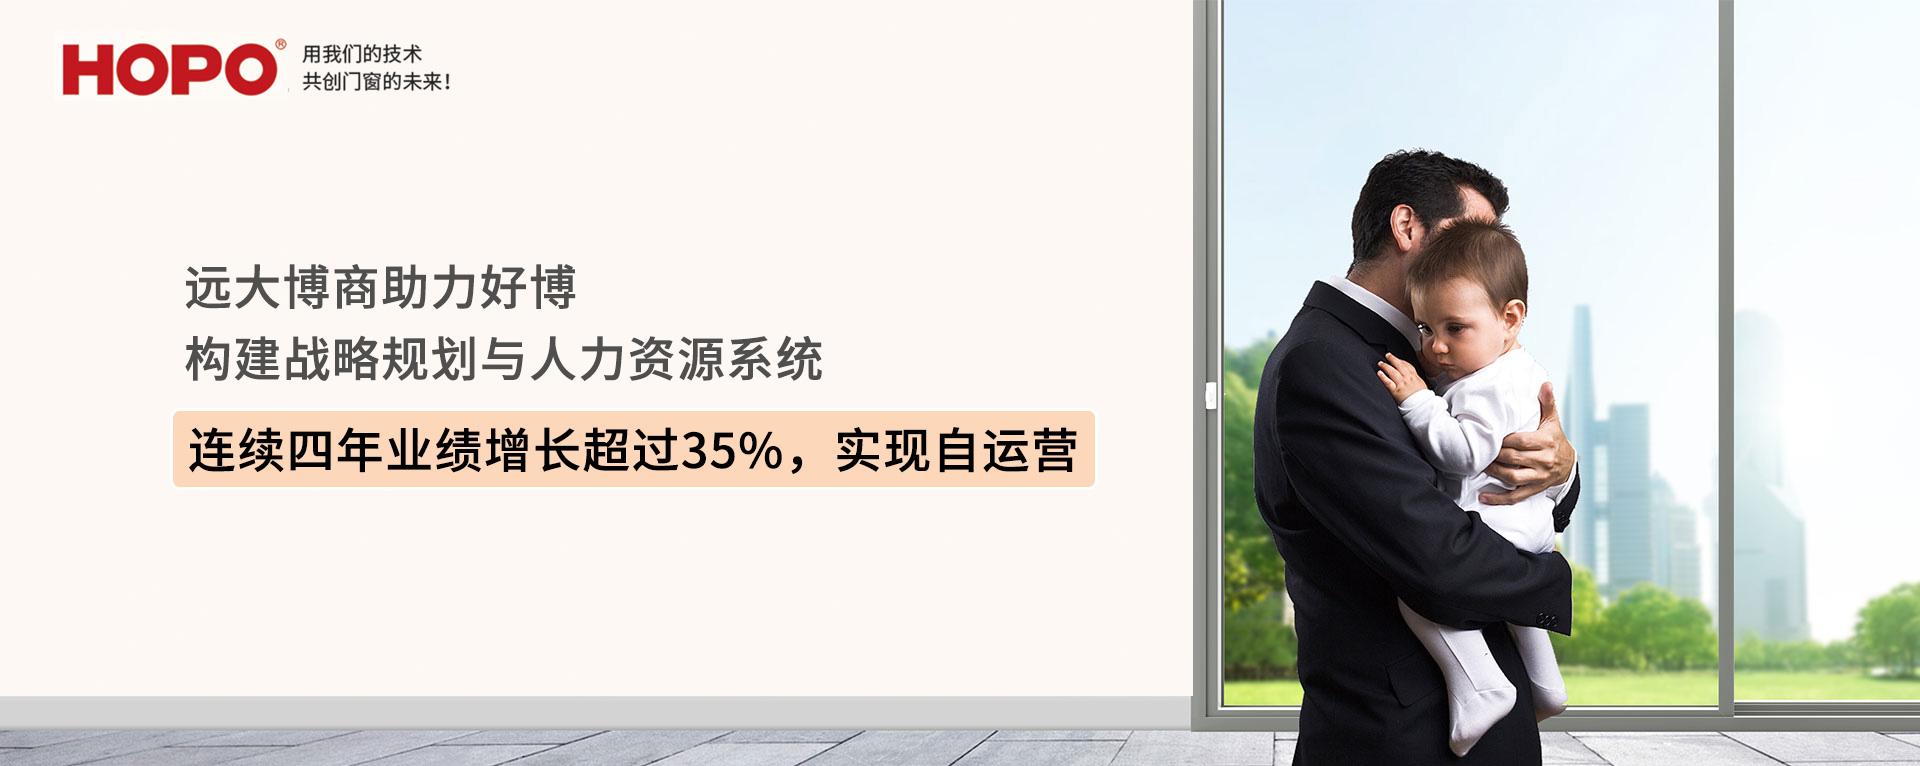 刘桥梁老师